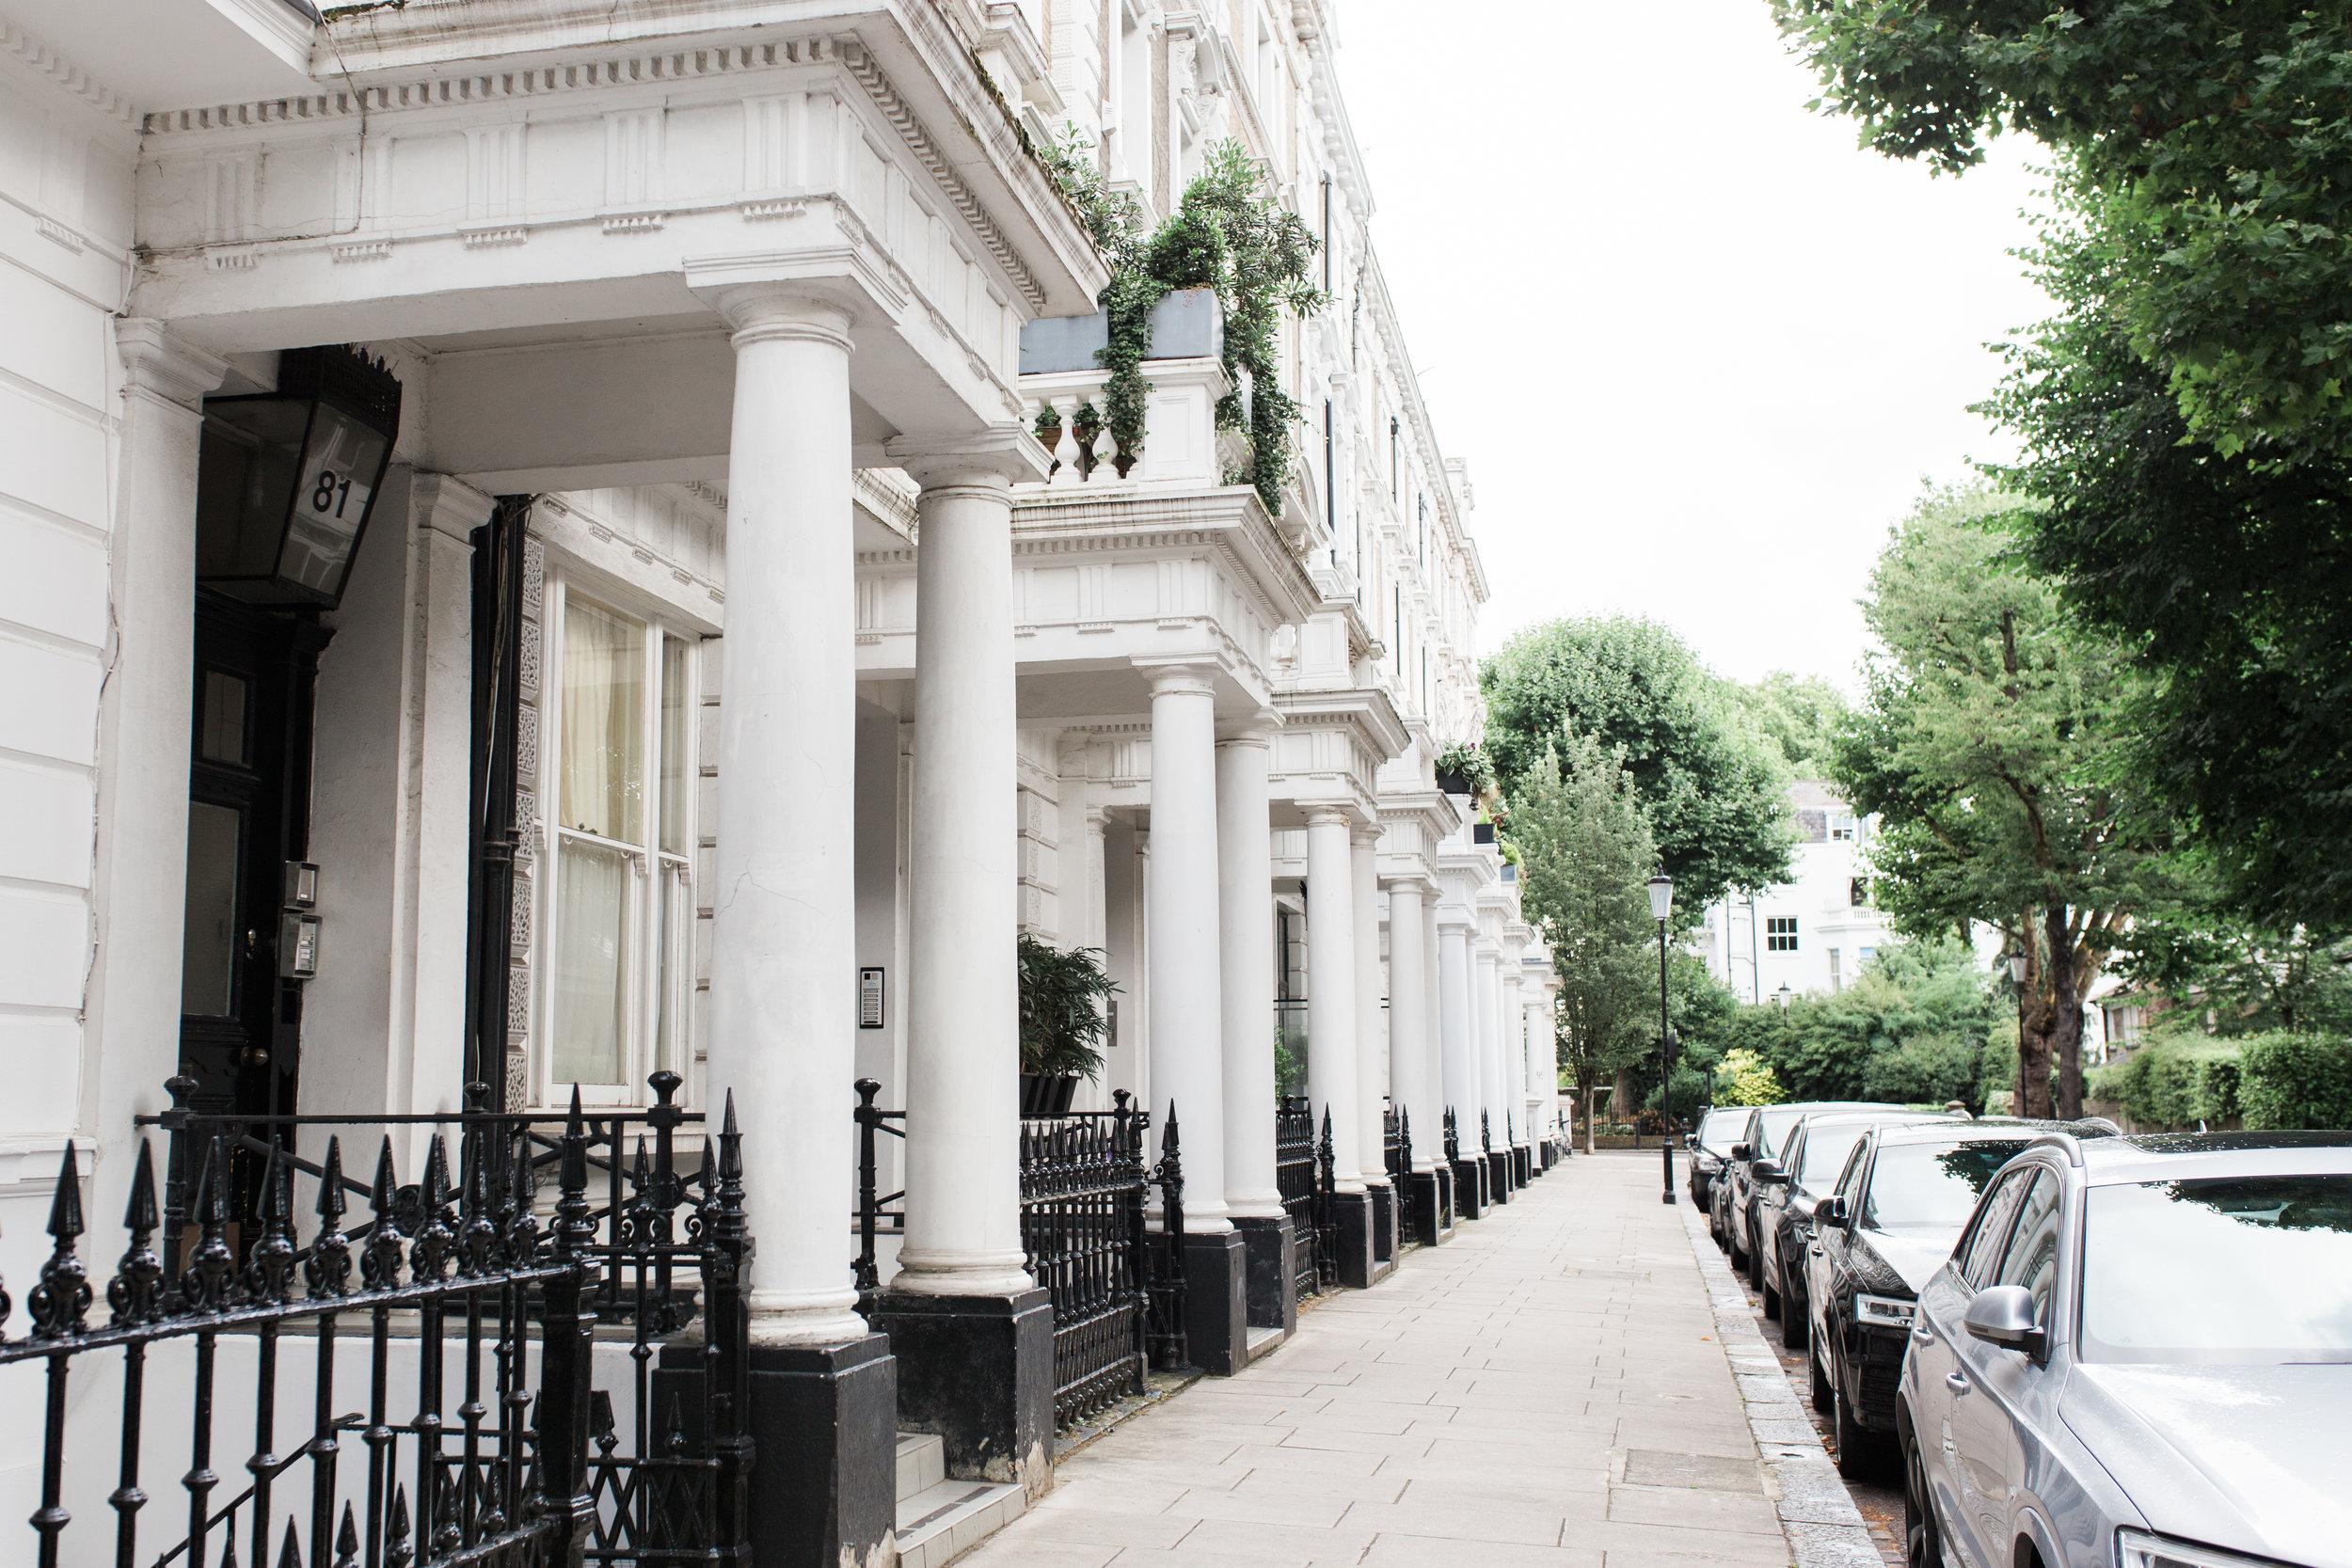 London2017-64.jpg